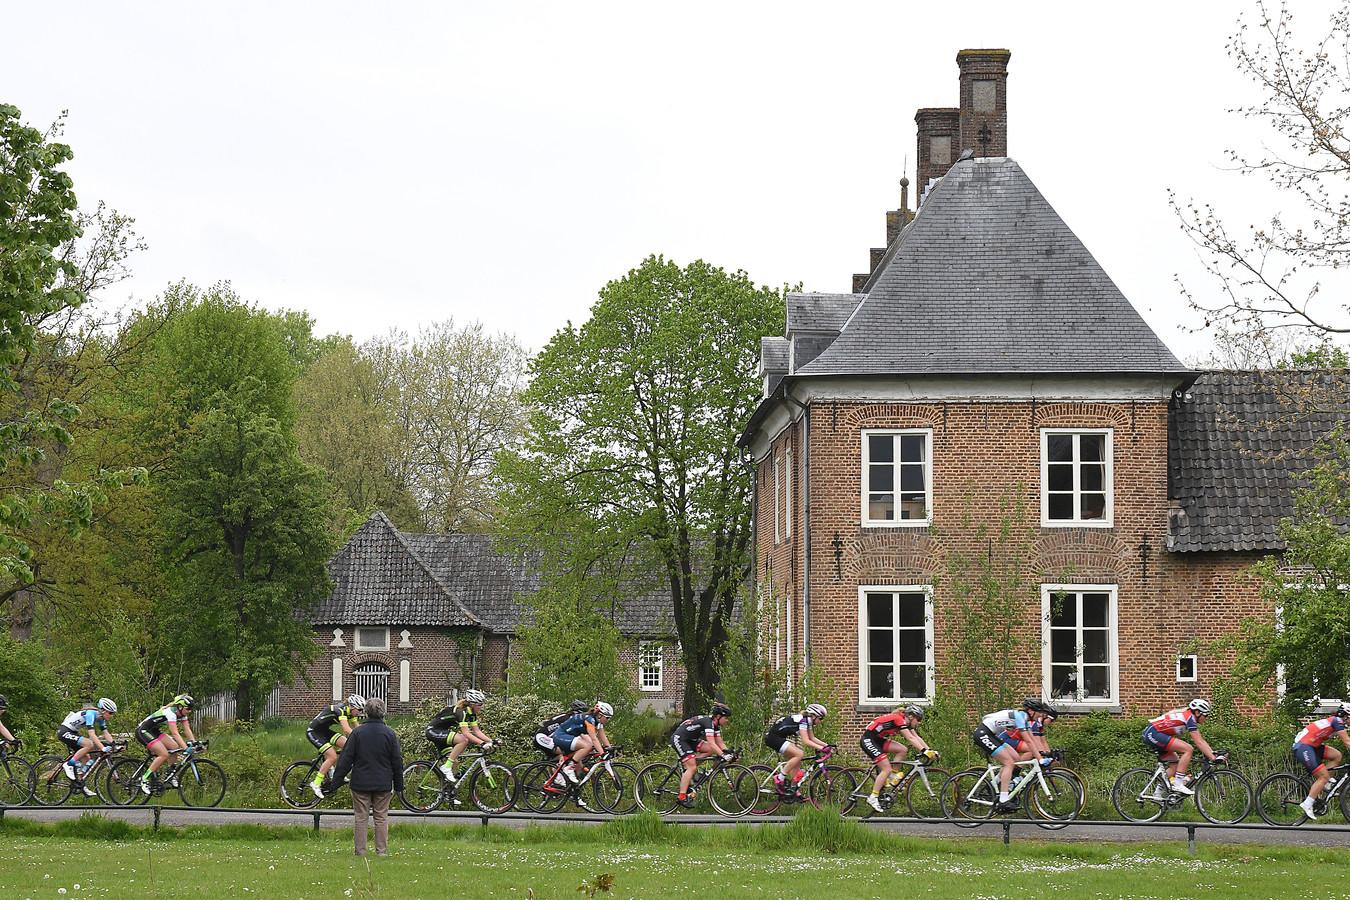 Kasteel Aldendriel op de achtergrond bij de wielerronde van Mill.